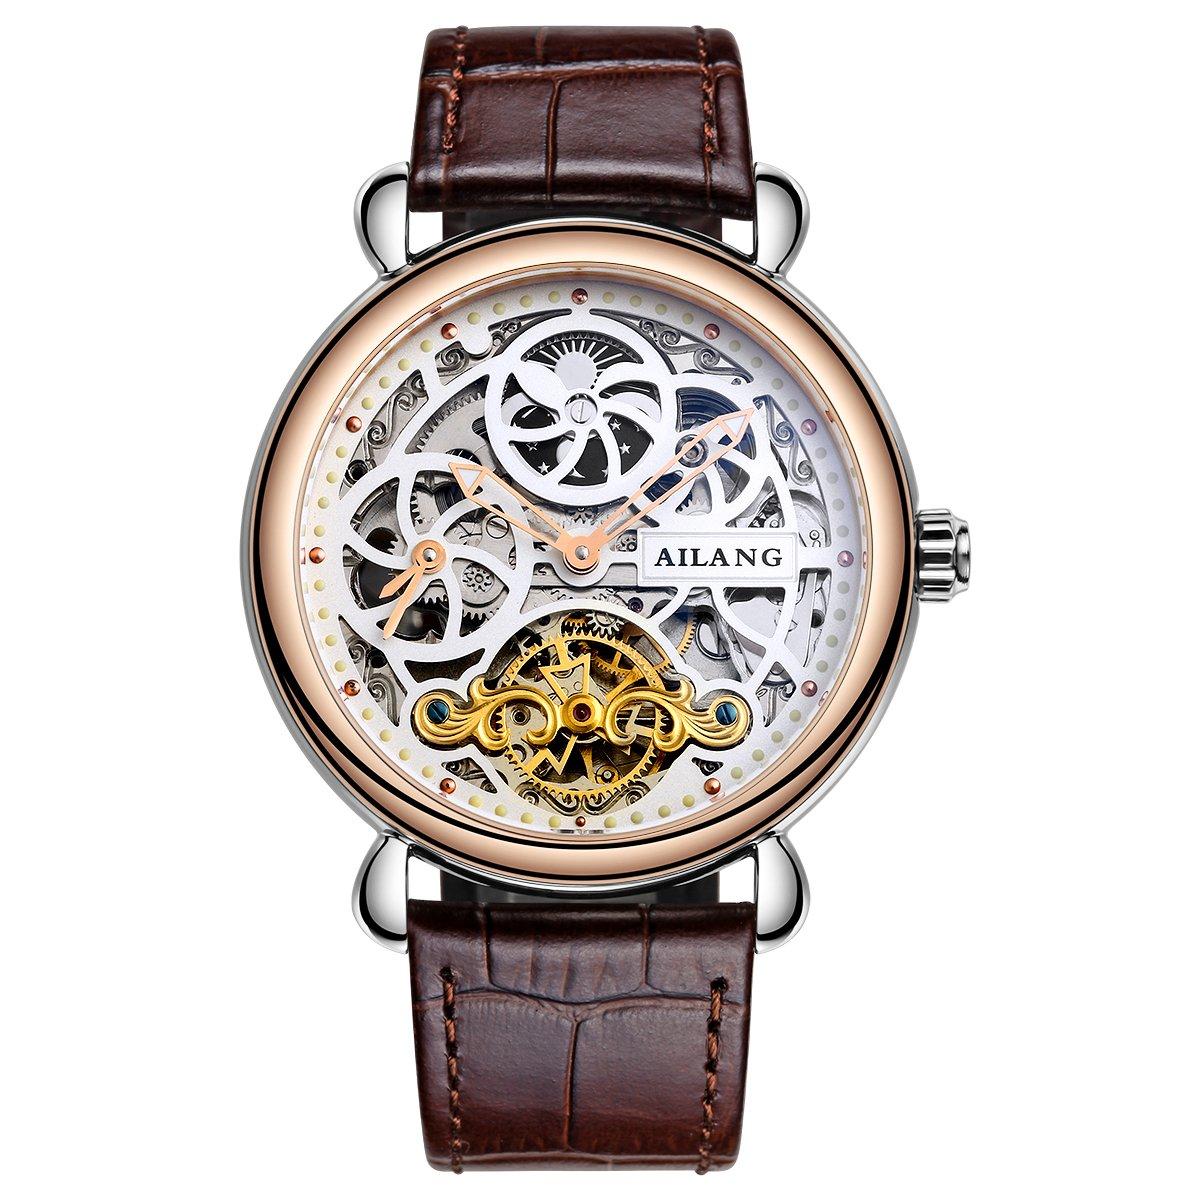 AILANG タービロン スケルトン自動機械式メンズ腕時計 レザーストラップ AL5810 Gold / White B071RZ2S6Z Gold / White Gold / White